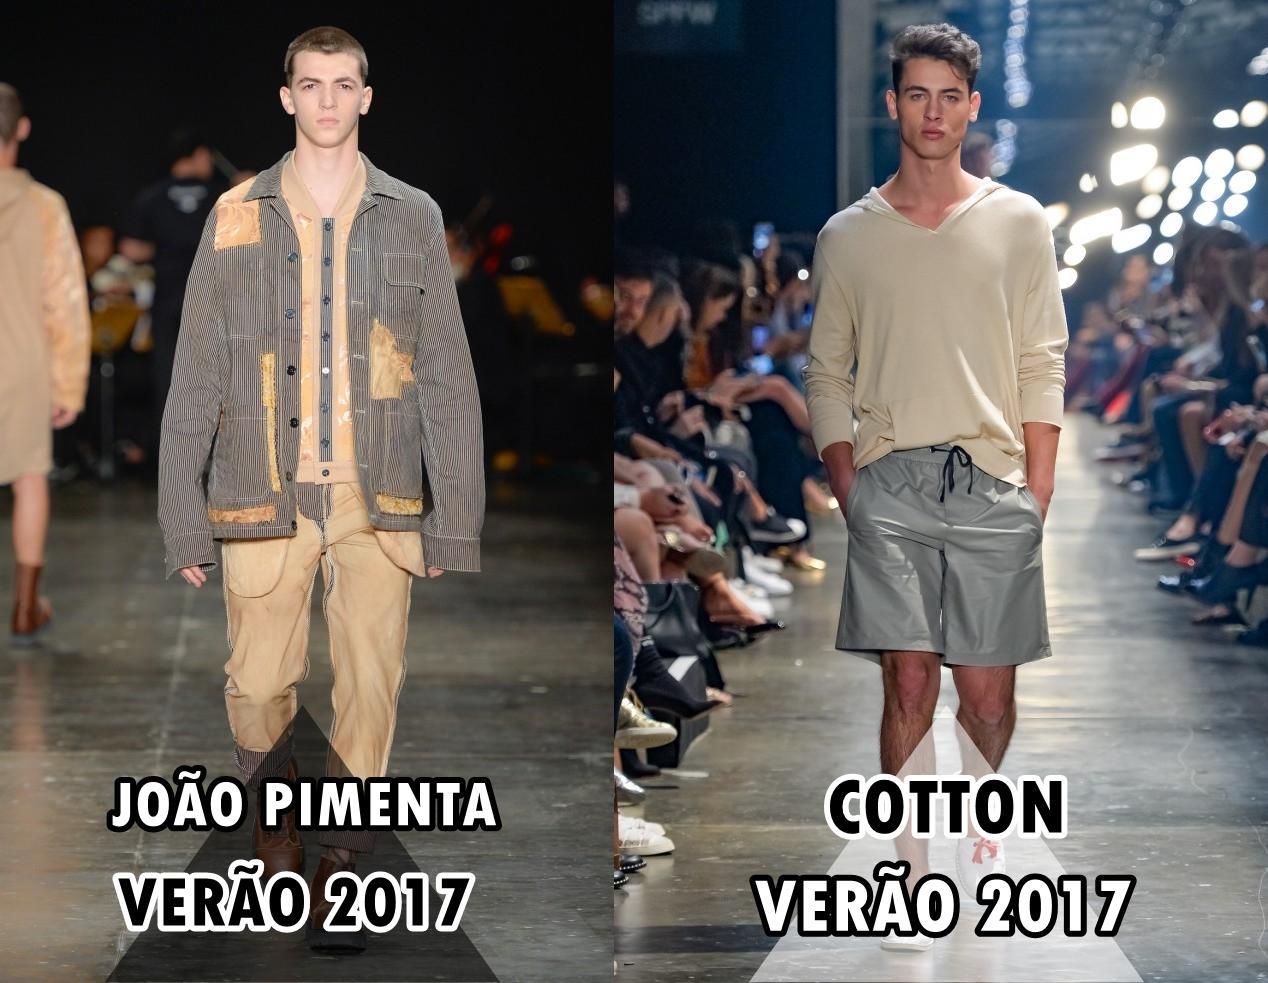 tendencia-masculina-tendencia-masculina-2017-moda-masculina-street-style-dicas-de-moda-spfw-alex-cursino-blog-de-moda-moda-sem-censura-menswear-style-trend-influencer